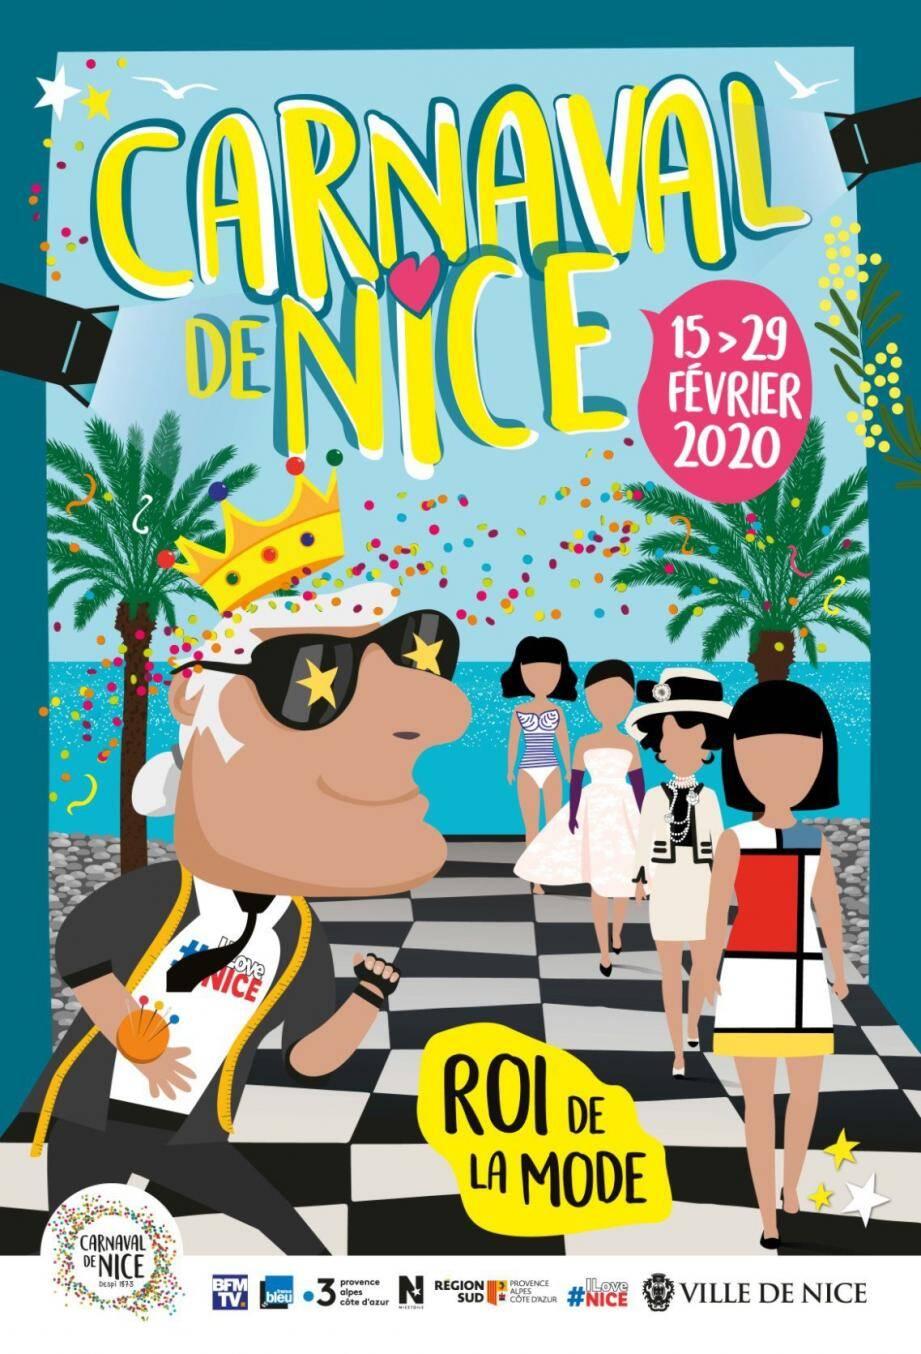 L'affiche du carnaval 2020 : un hommage au grand couturier que fut Karl Lagerfeld.(DR)